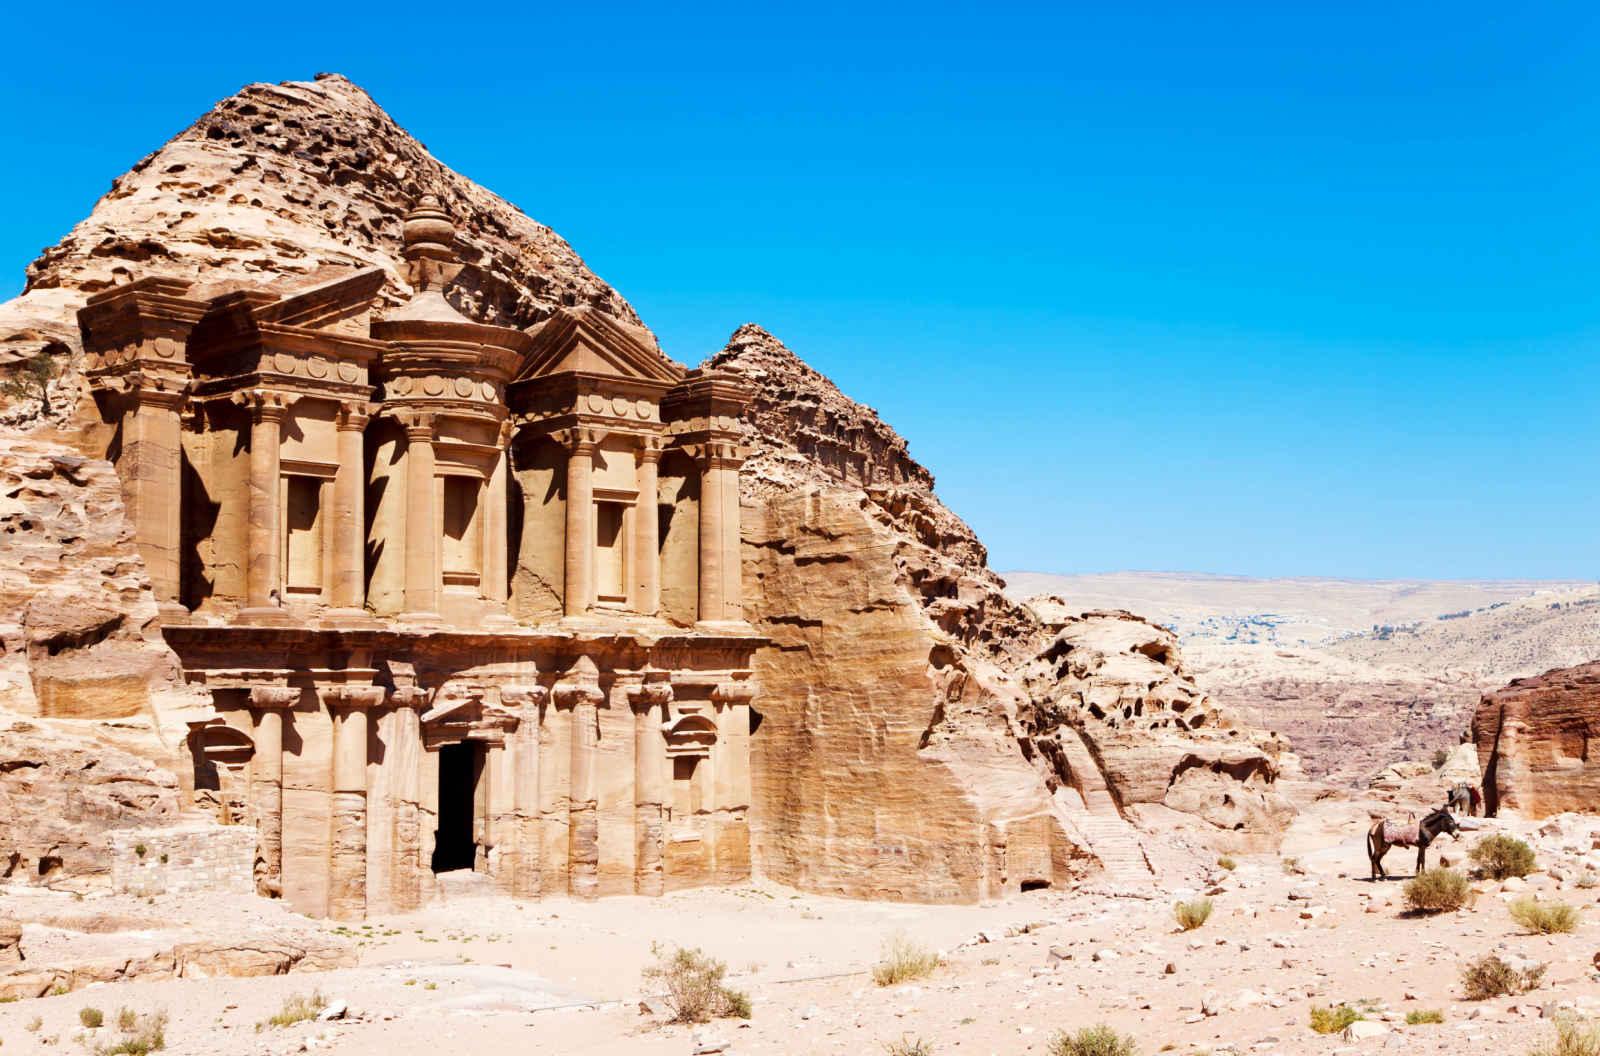 Jordanie : Le royaume perdu des Nabatéens